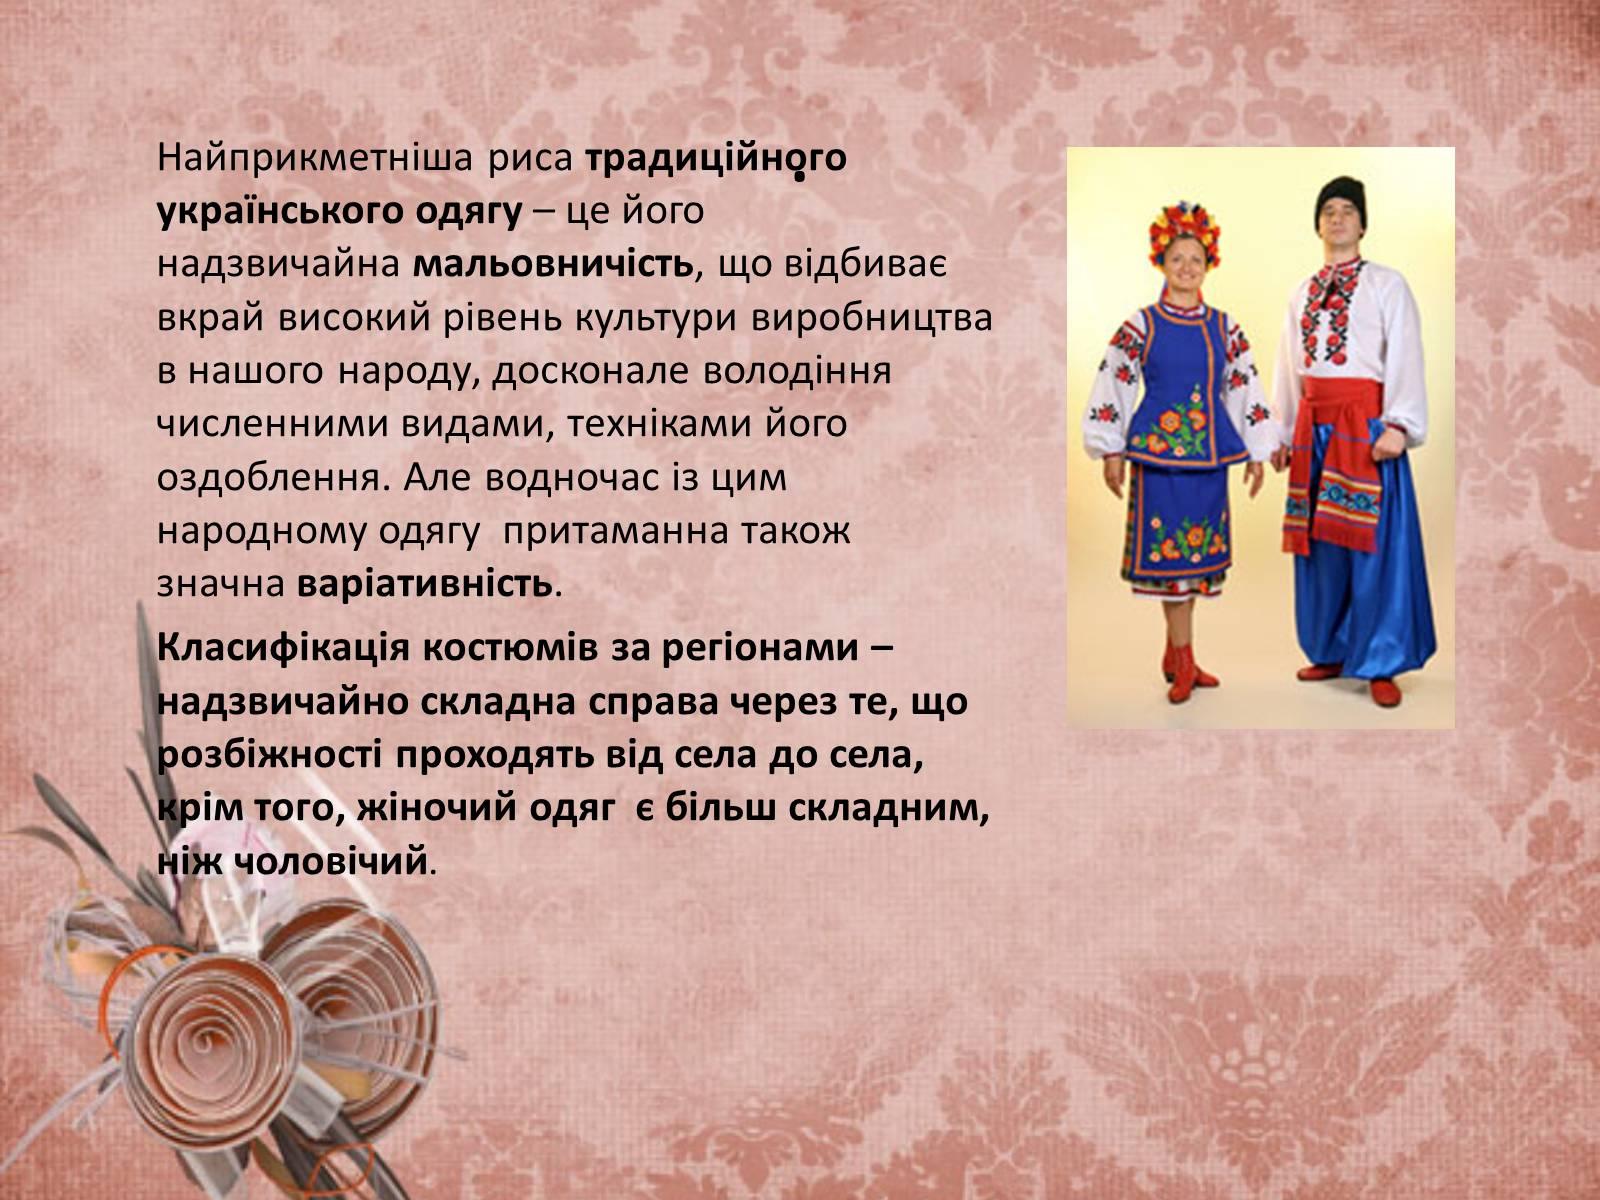 Презентація на тему «Український народний одяг у другій половині ХІХ  століття» - Слайд   c76534b4e9c62